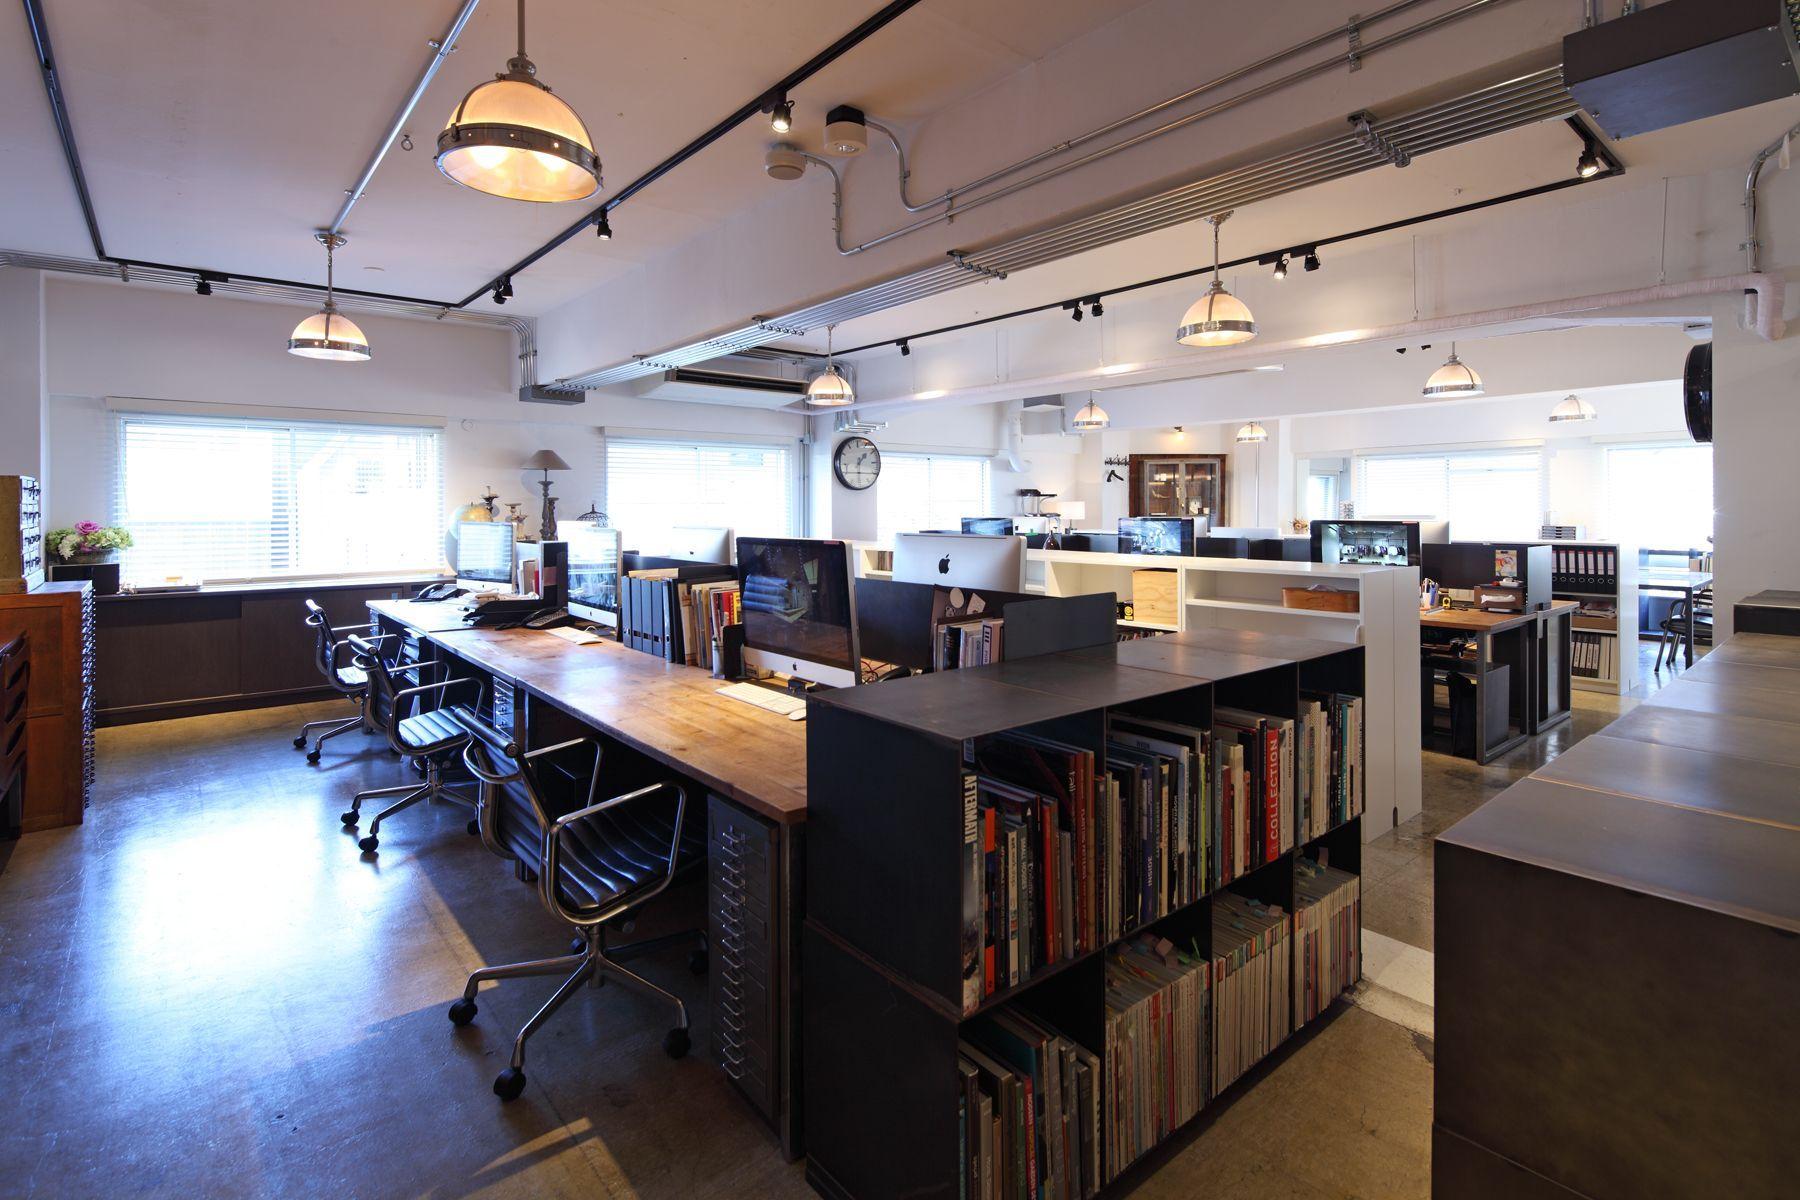 L-STUDIO 青葉台/オフィス (エル スタジオ)